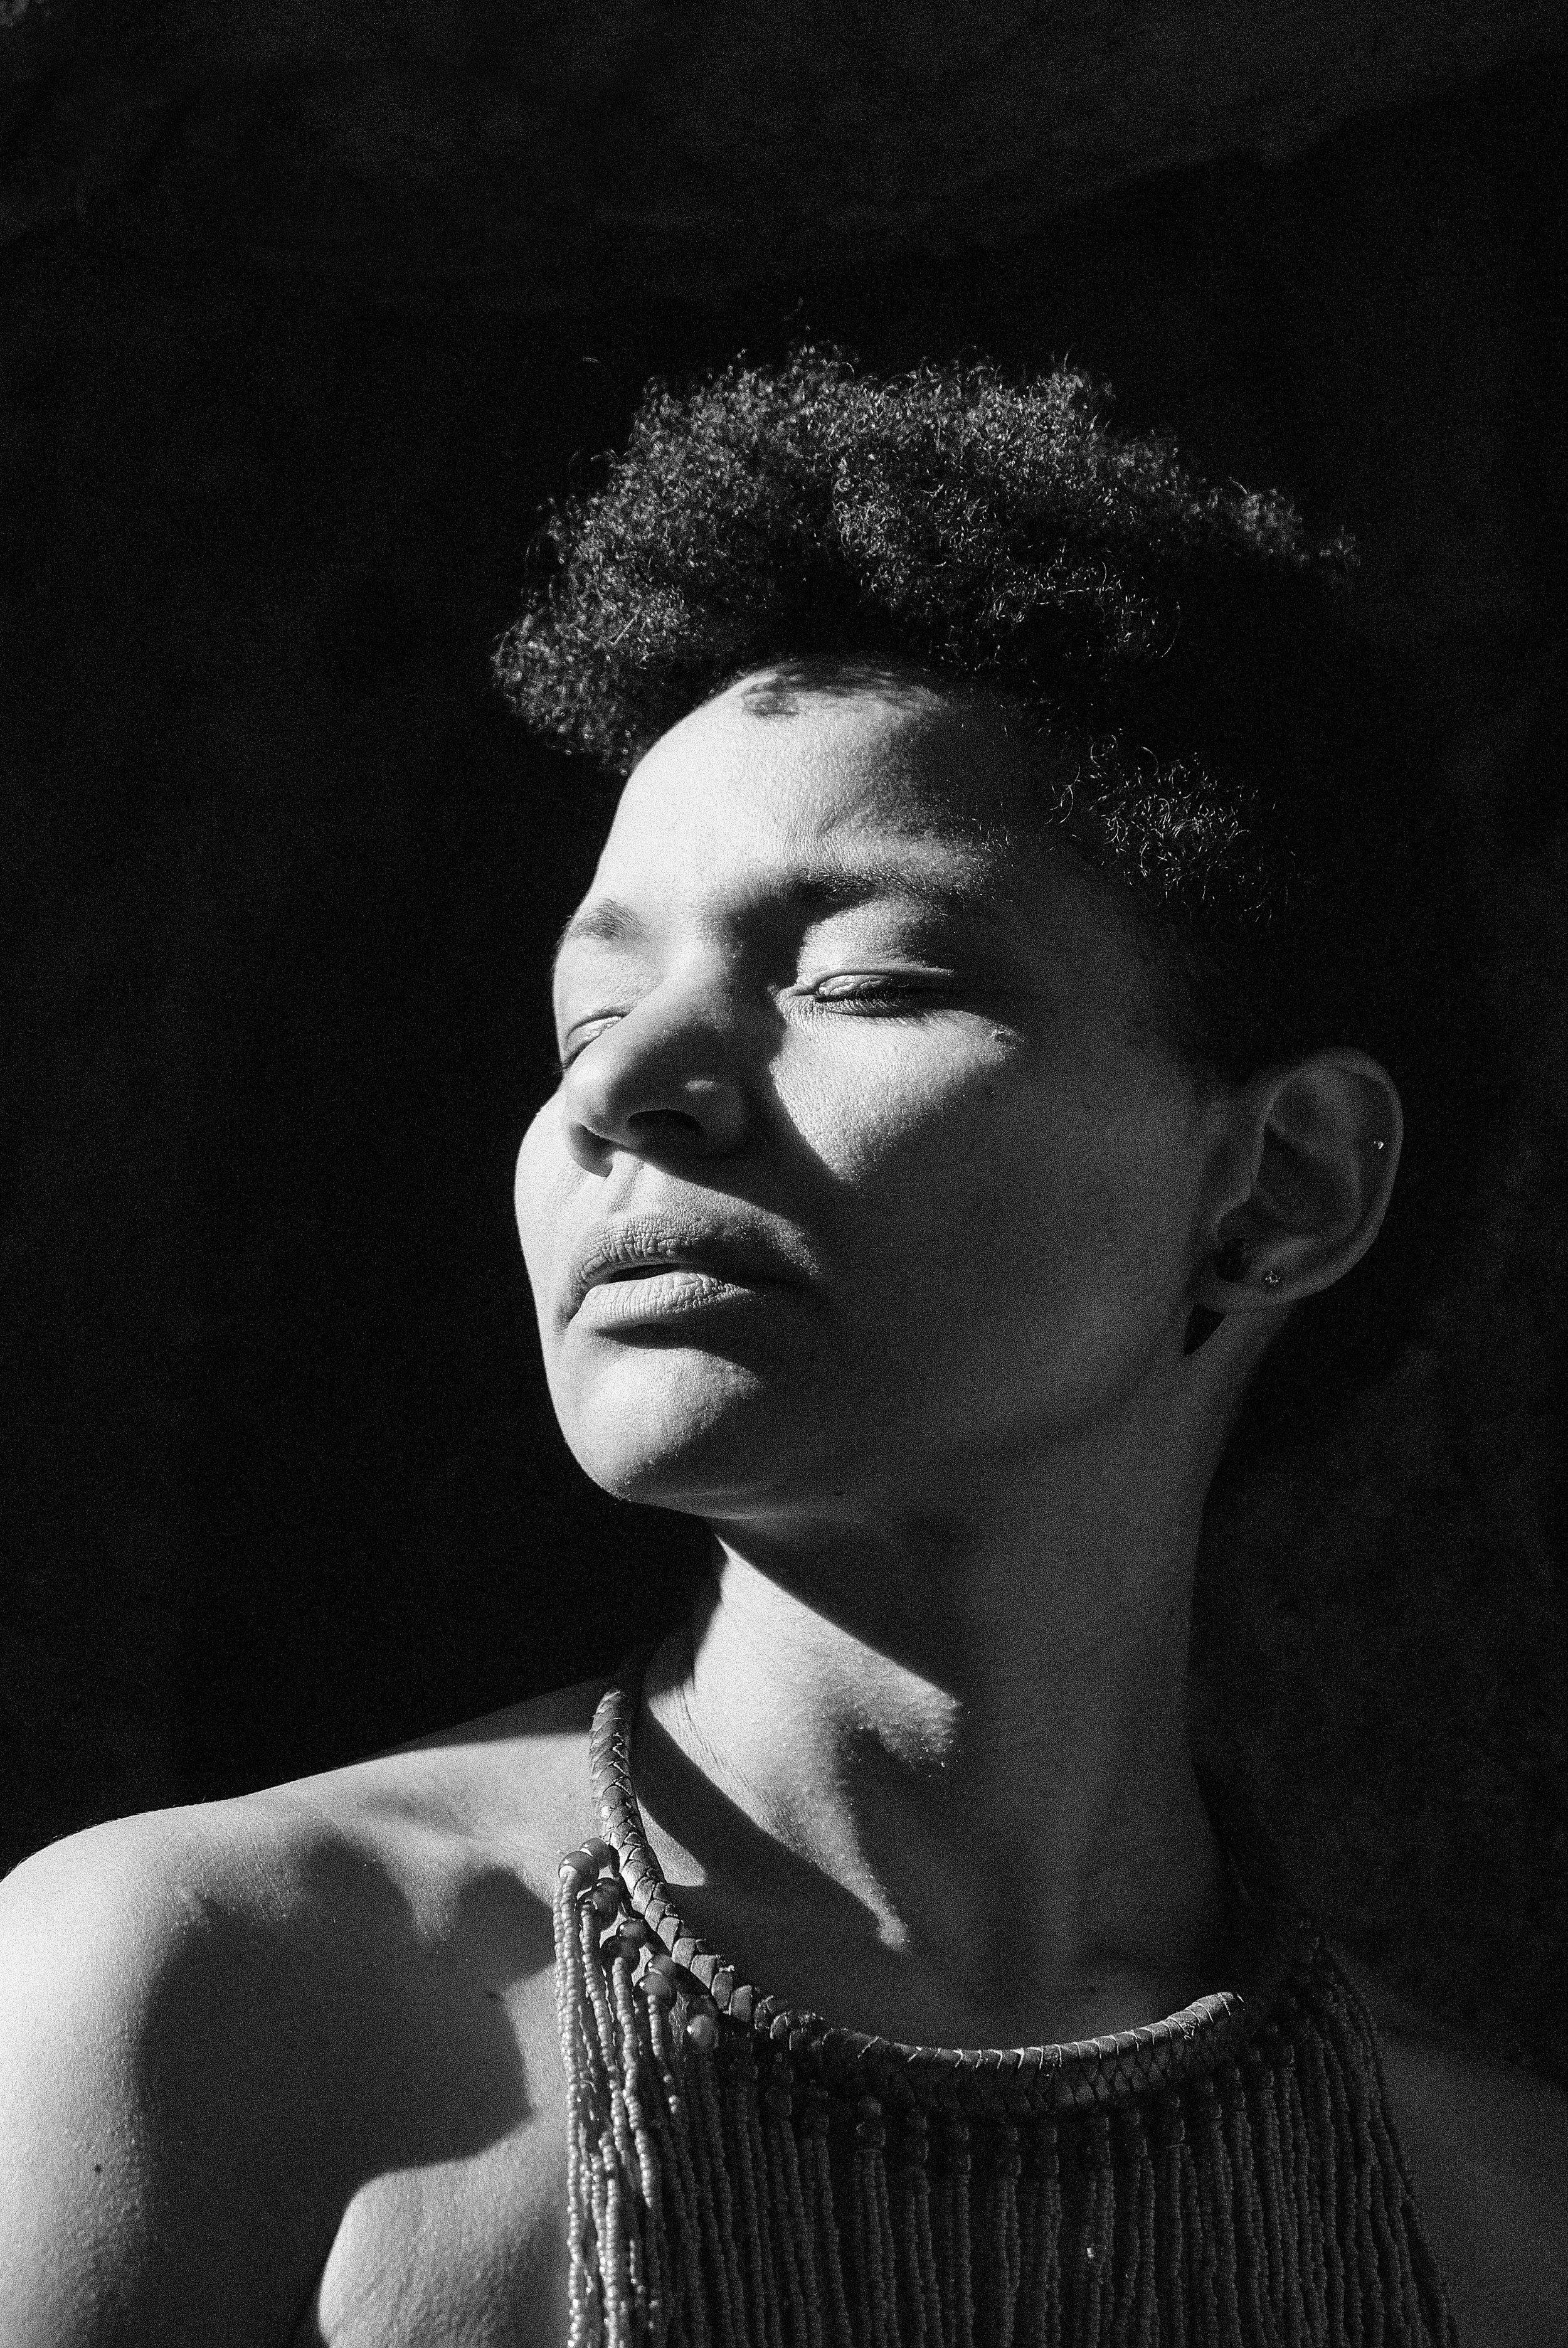 Soul Photography Project - Amélie